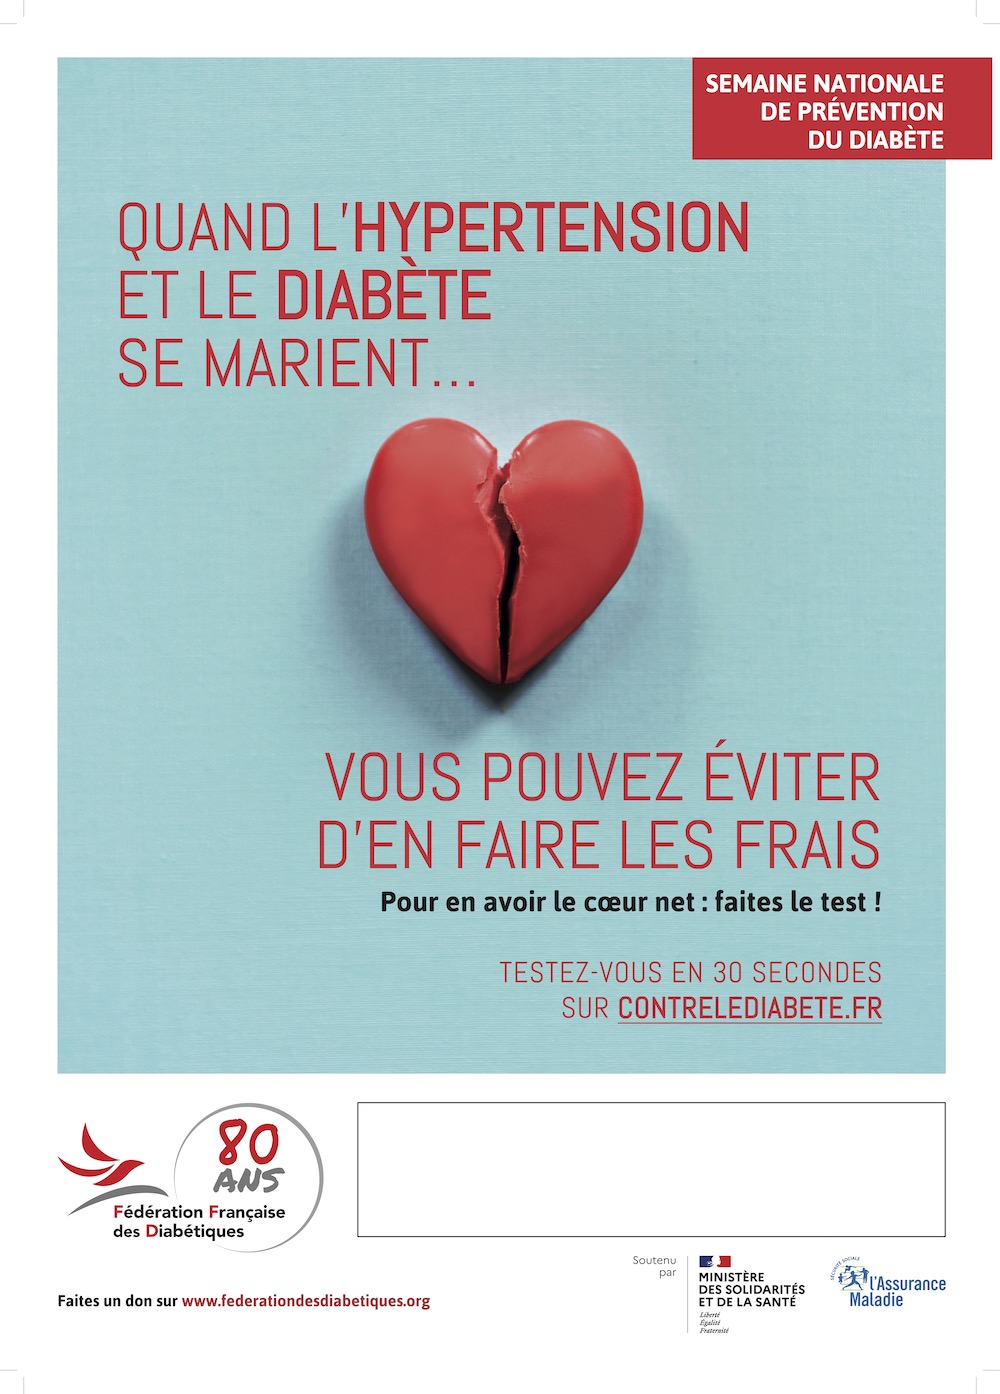 Semaine nationale de prévention du diabète :